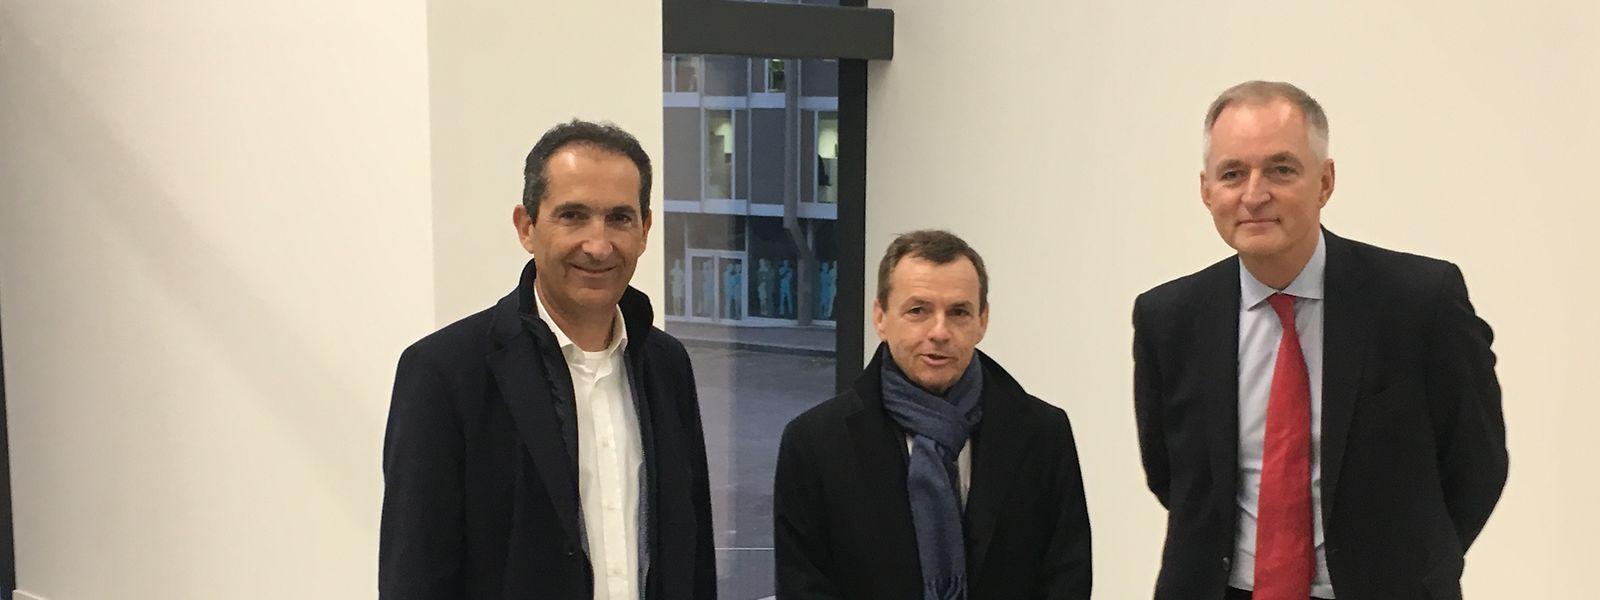 Le président des deux conseils d'administration, d'Altice Europe et Altice USA Patrick Drahi, son p.-d.g. d'Altice France et ami Alain Weill et le président de l'UE 57 Jean Poulaillon (d. g. à d.).